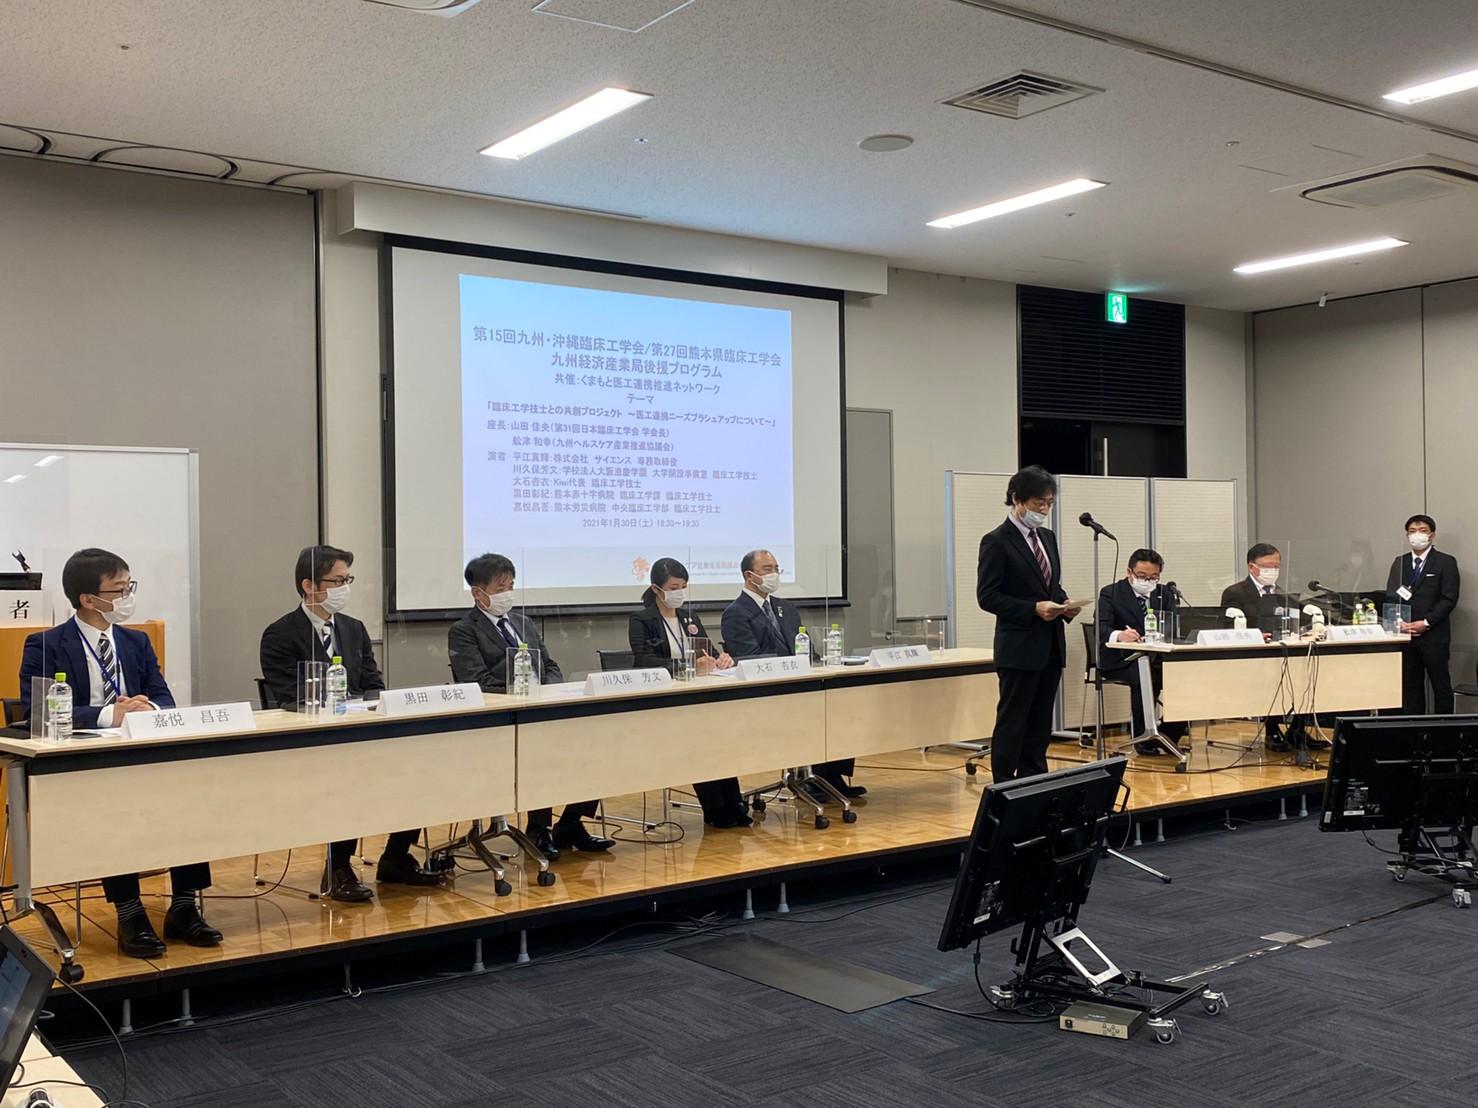 九州臨床工学会,熊本臨床工学会,医工連携,臨床工学技士